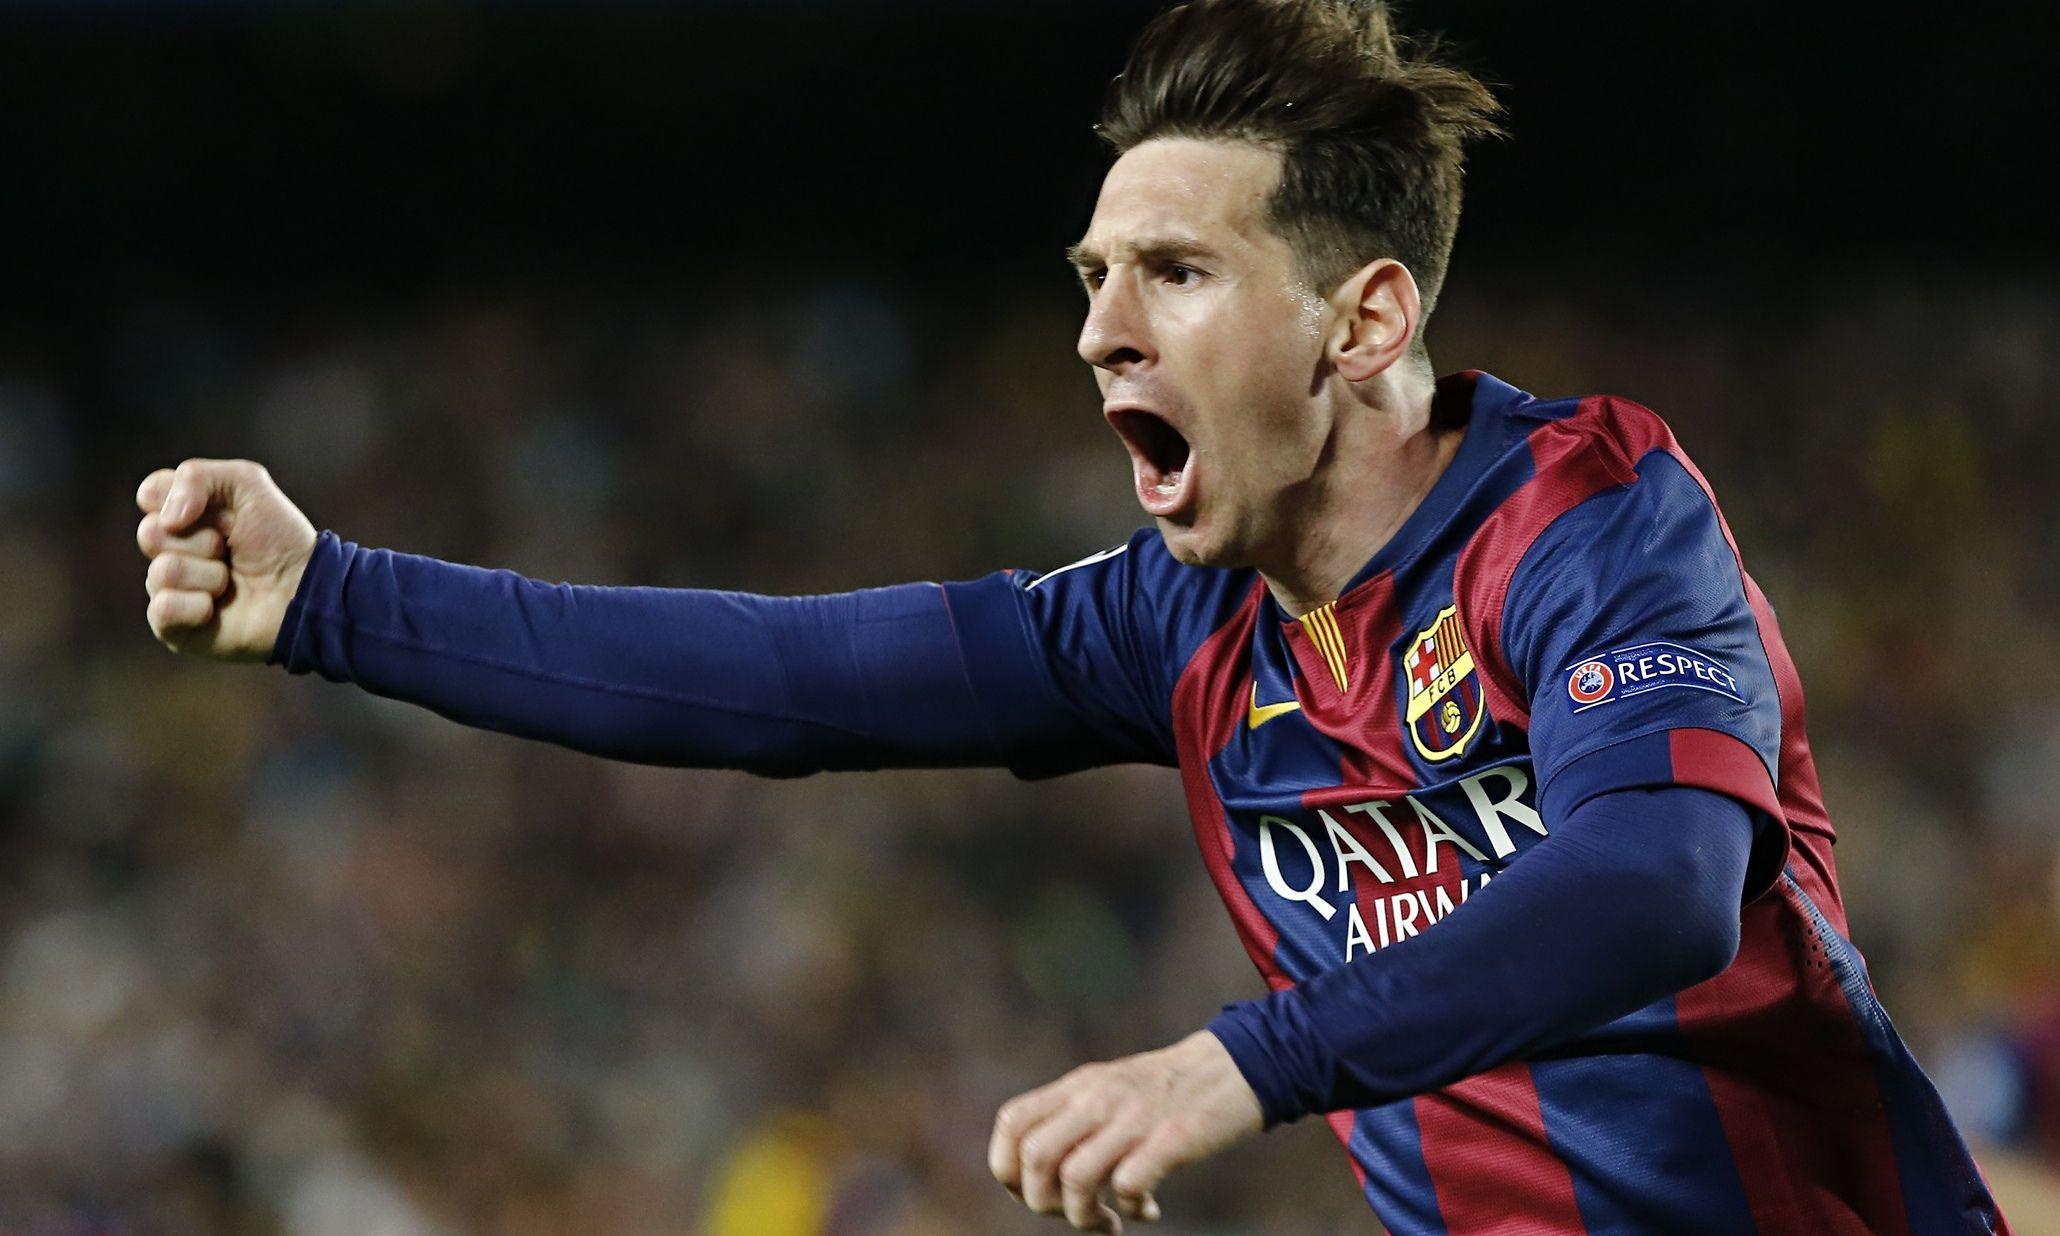 ¿Qué famoso equipo rechazó a Leo antes de irse a Barcelona?